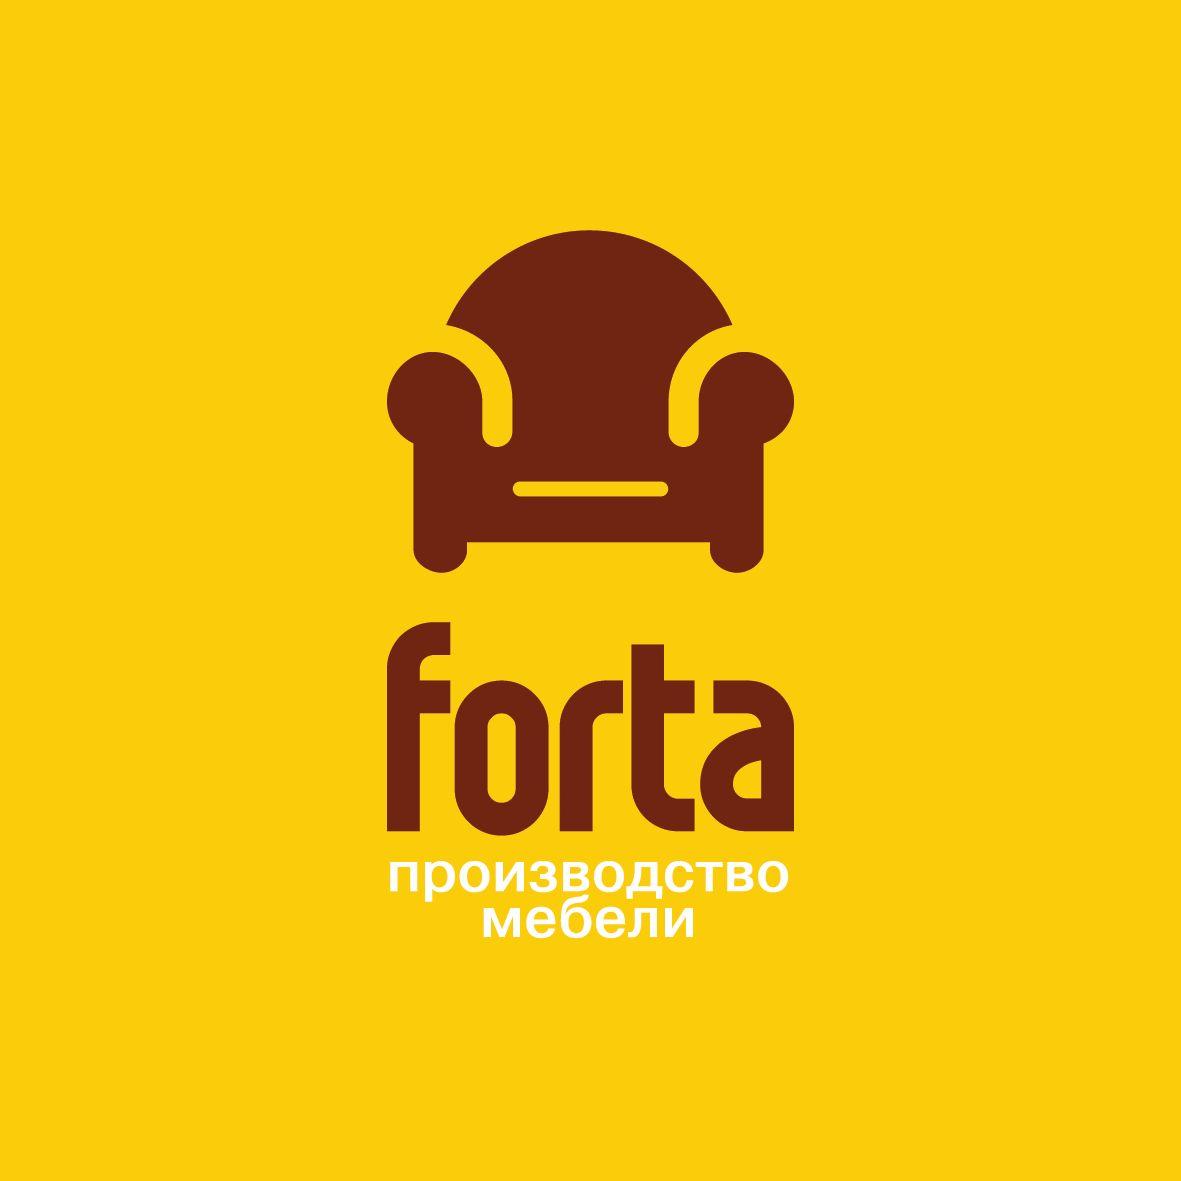 Логотип и фирменный стиль для мебельной компании . - дизайнер kit-design